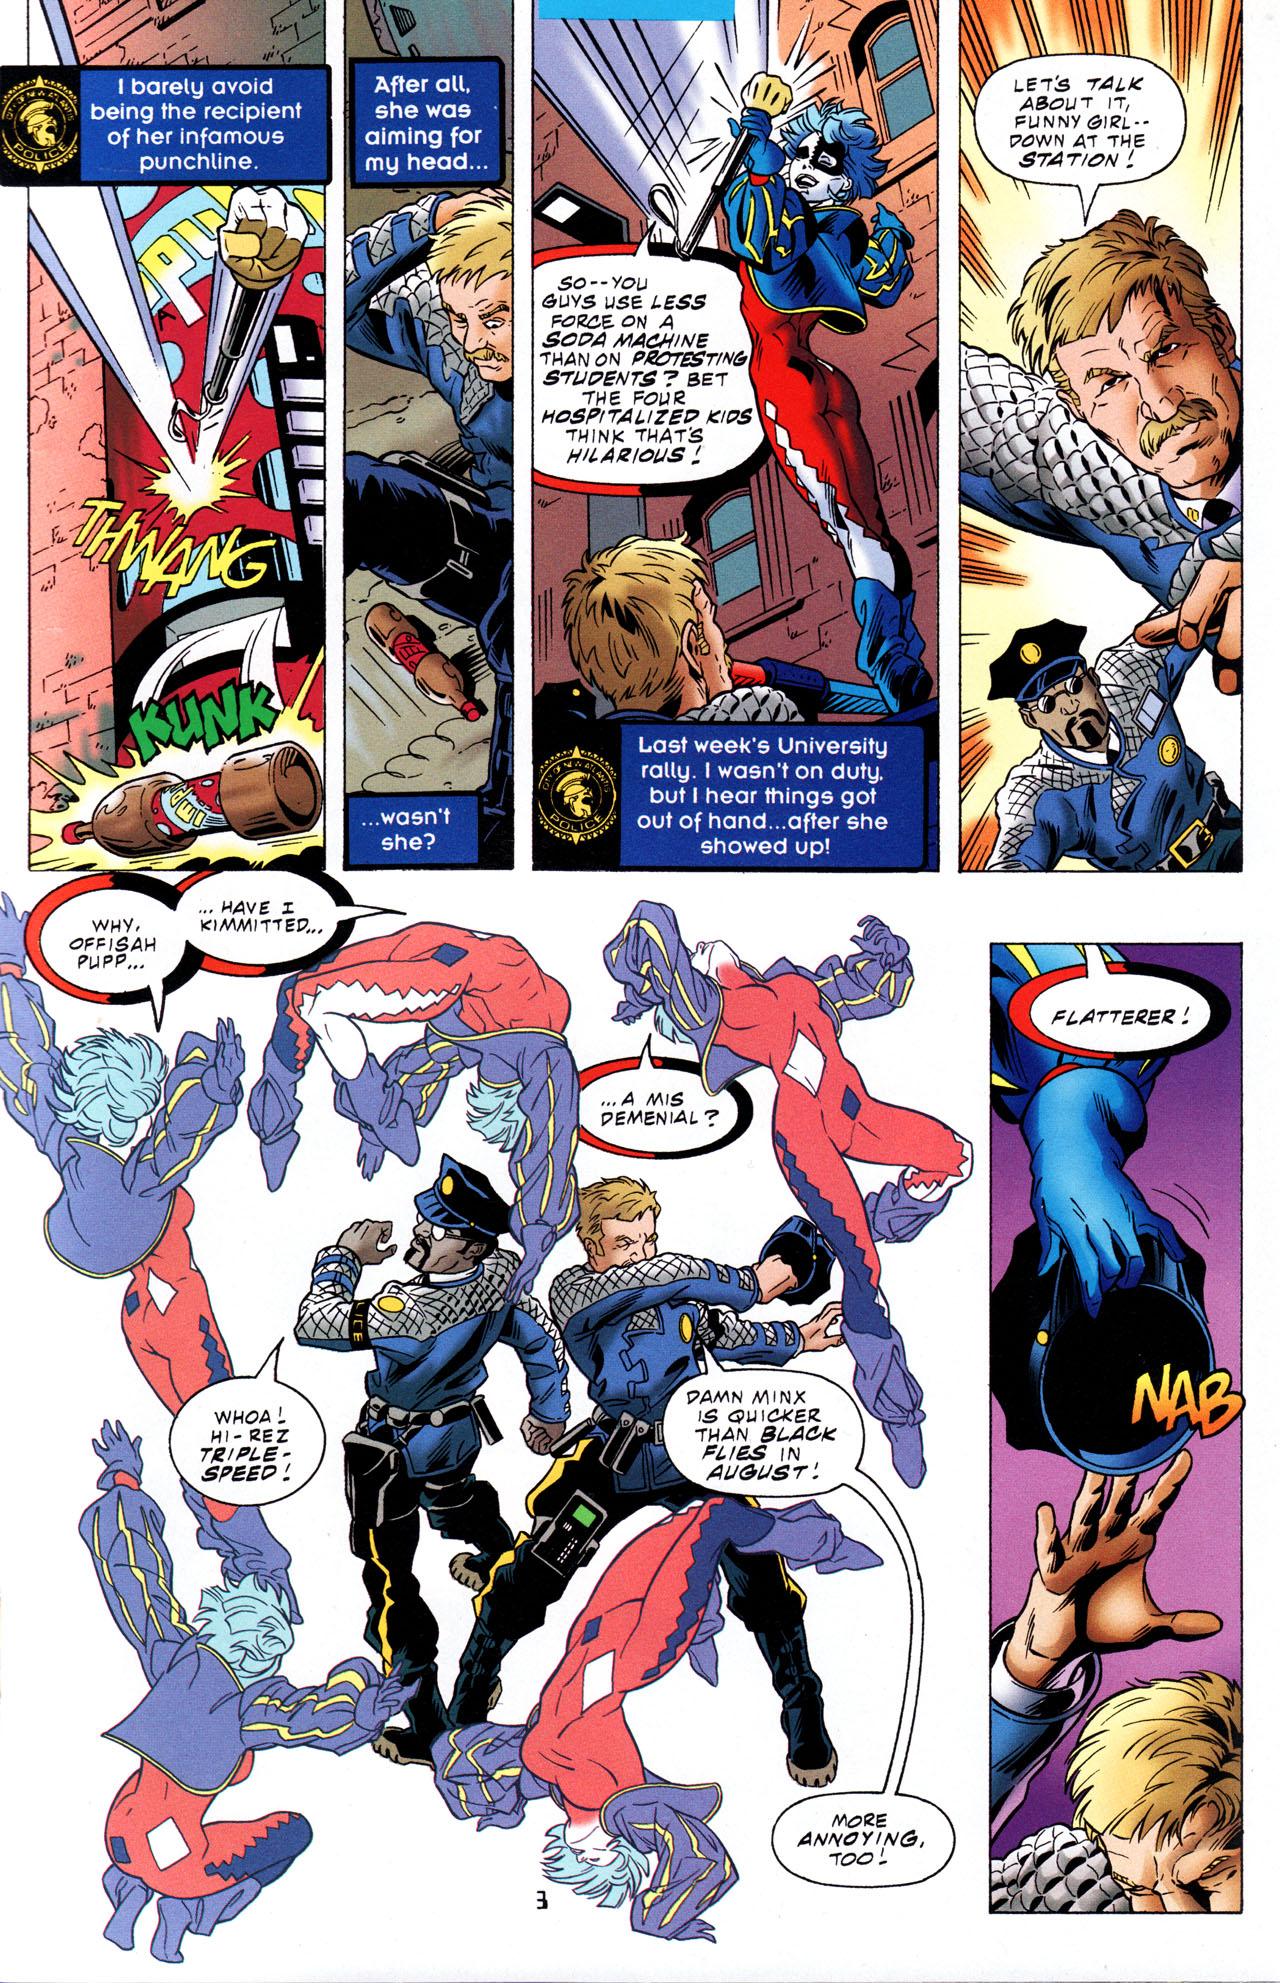 Read online Tangent Comics/ The Joker comic -  Issue # Full - 4